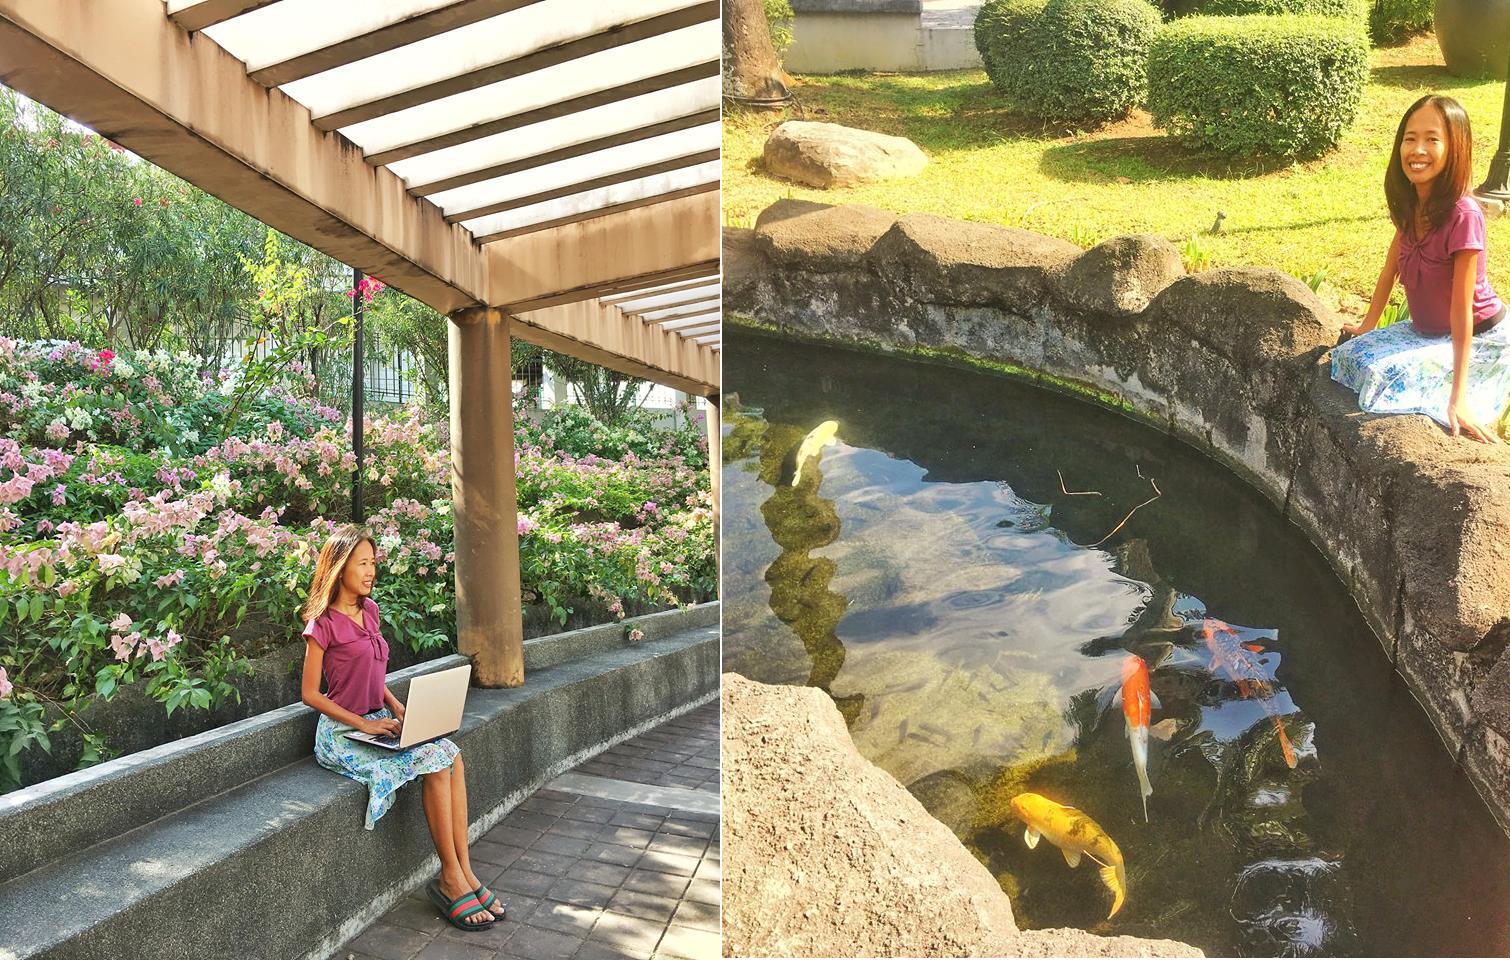 Guadalupe Nuevo Cloverleaf Park in Makati